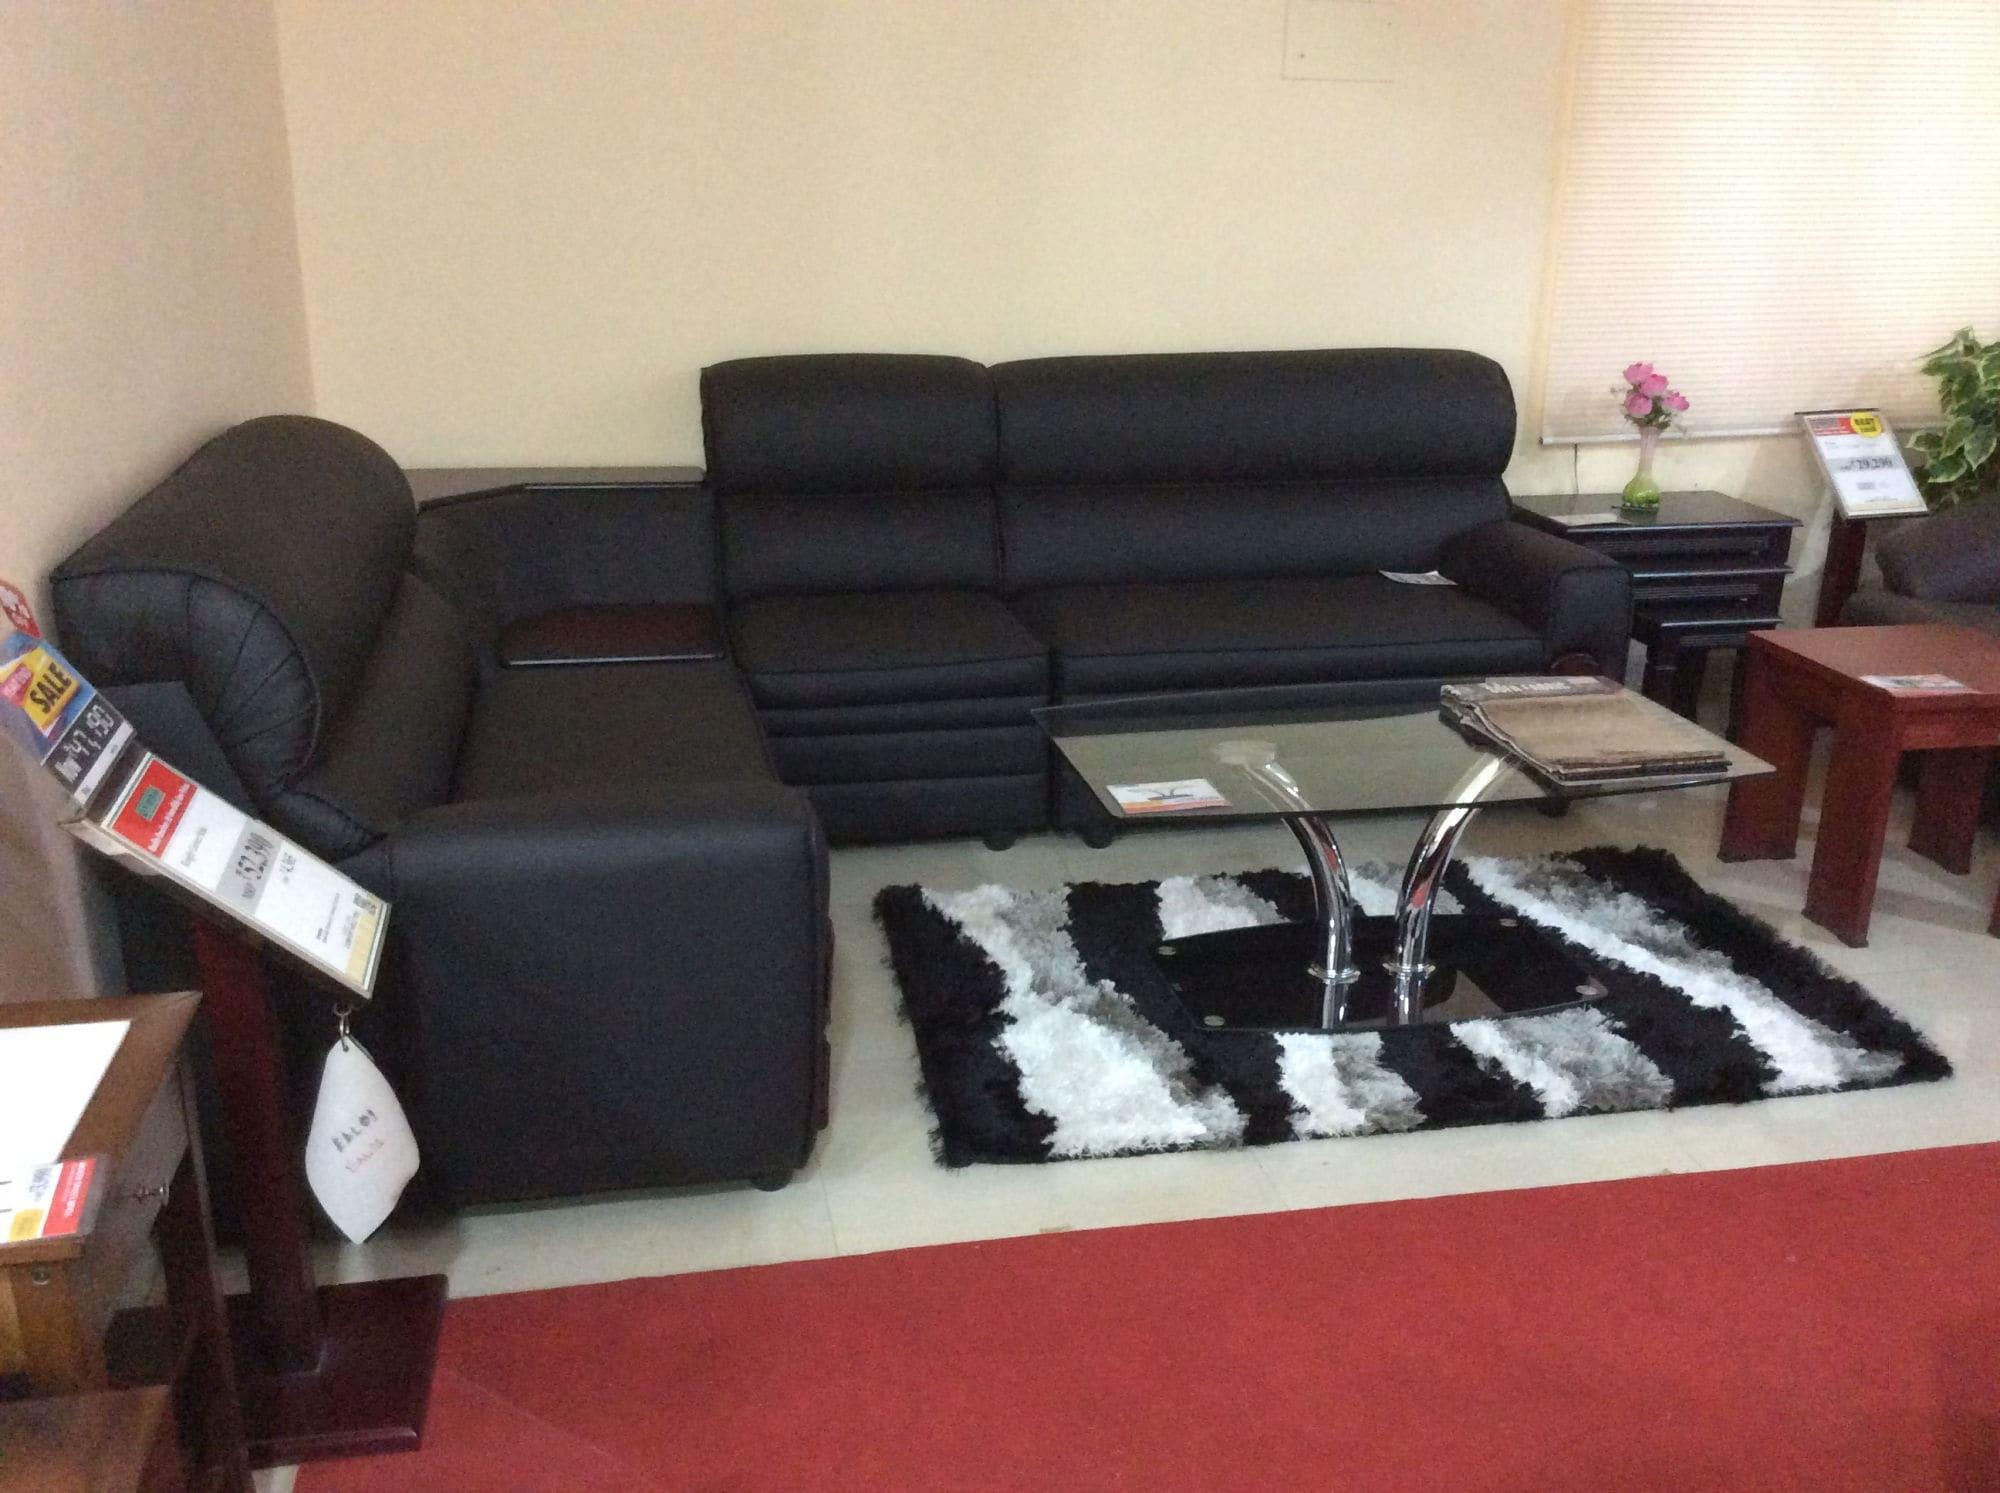 Damro Furniture Decor damro furniture pvt ltd - furniture dealers in thanjavur - justdial